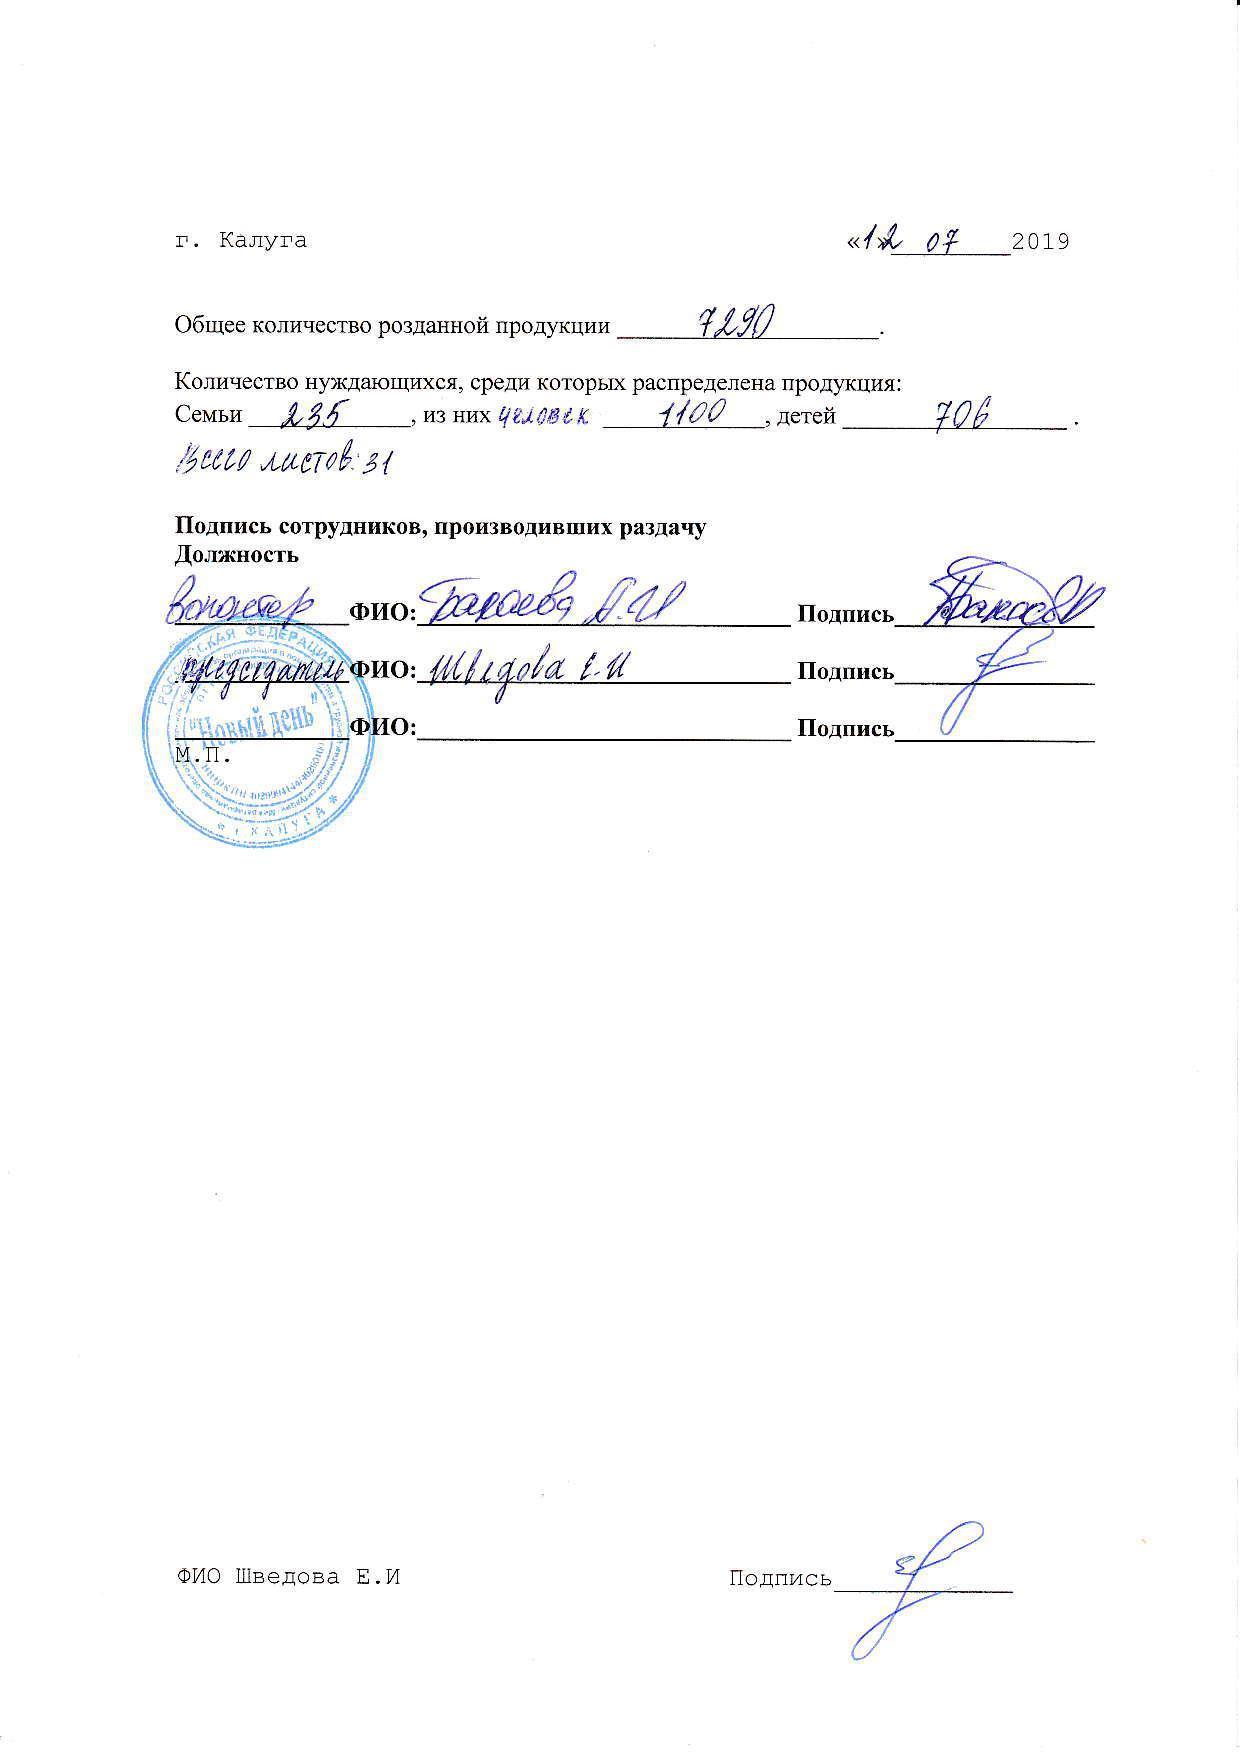 Молочка кол-во 12.07.2019